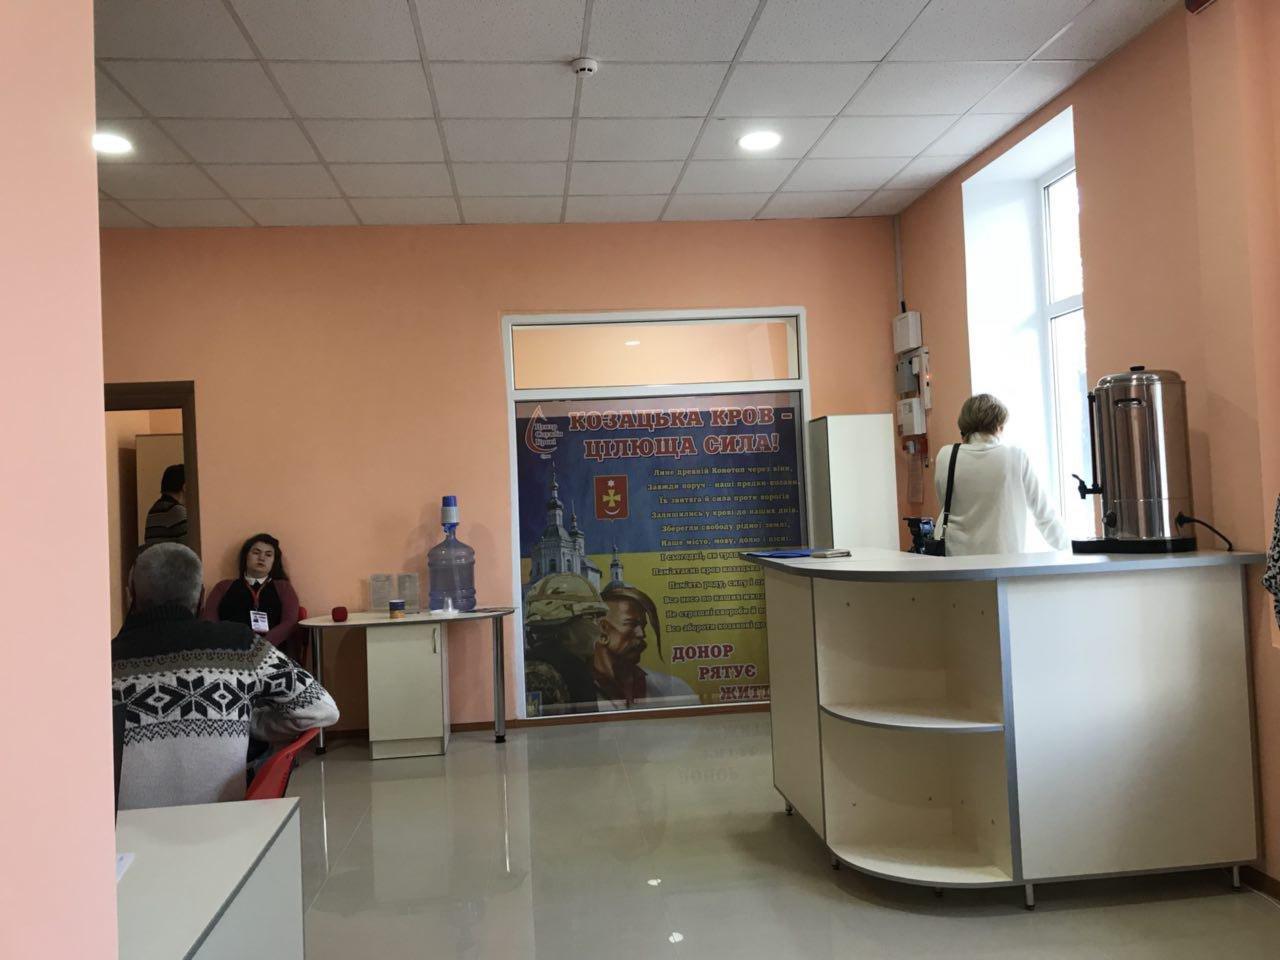 Мер міста Артем Семеніхін здав кров у новому донорському центрі, фото-3